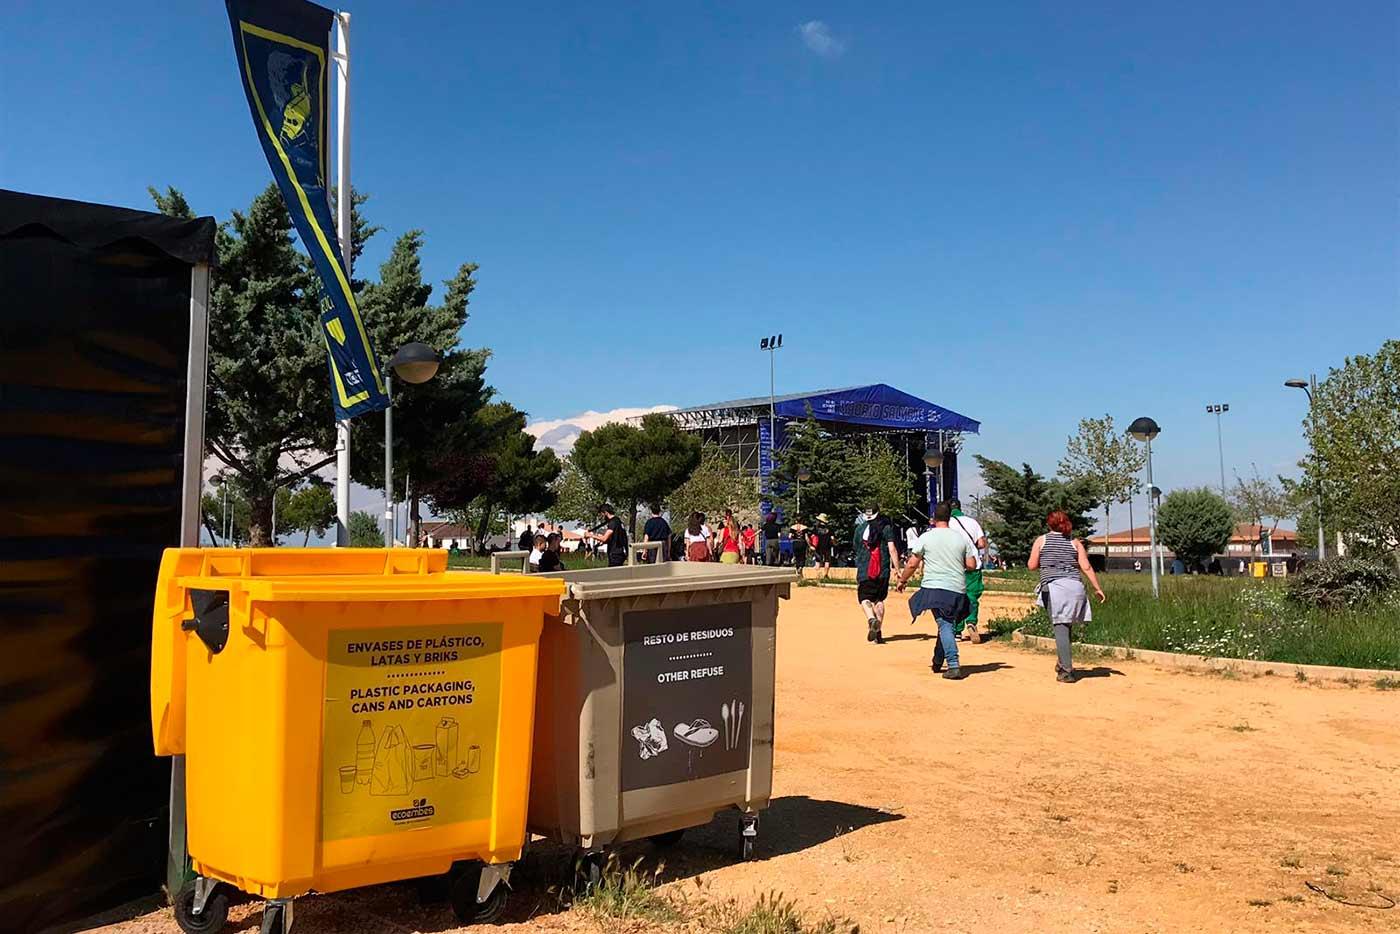 Diviértete y recicla en los festivales de este verano con Ecoembes